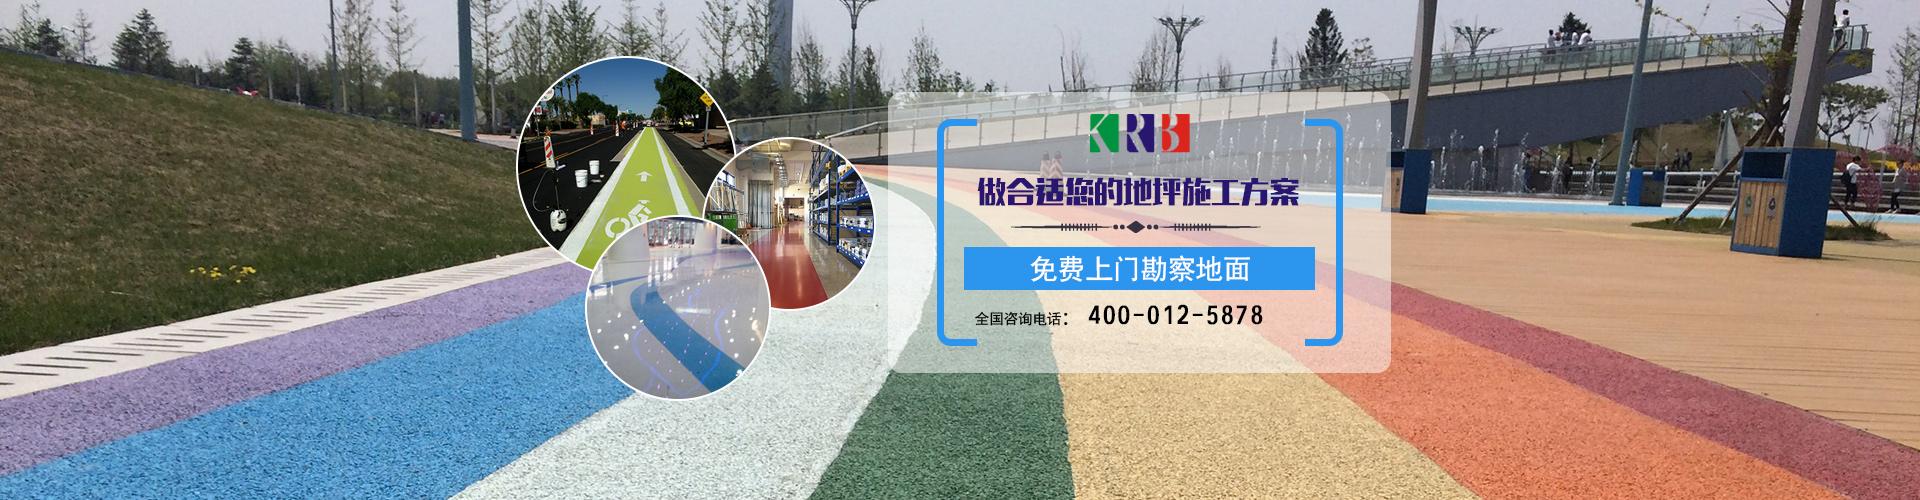 郑州99视频在线观看手机版装饰工程有限公司